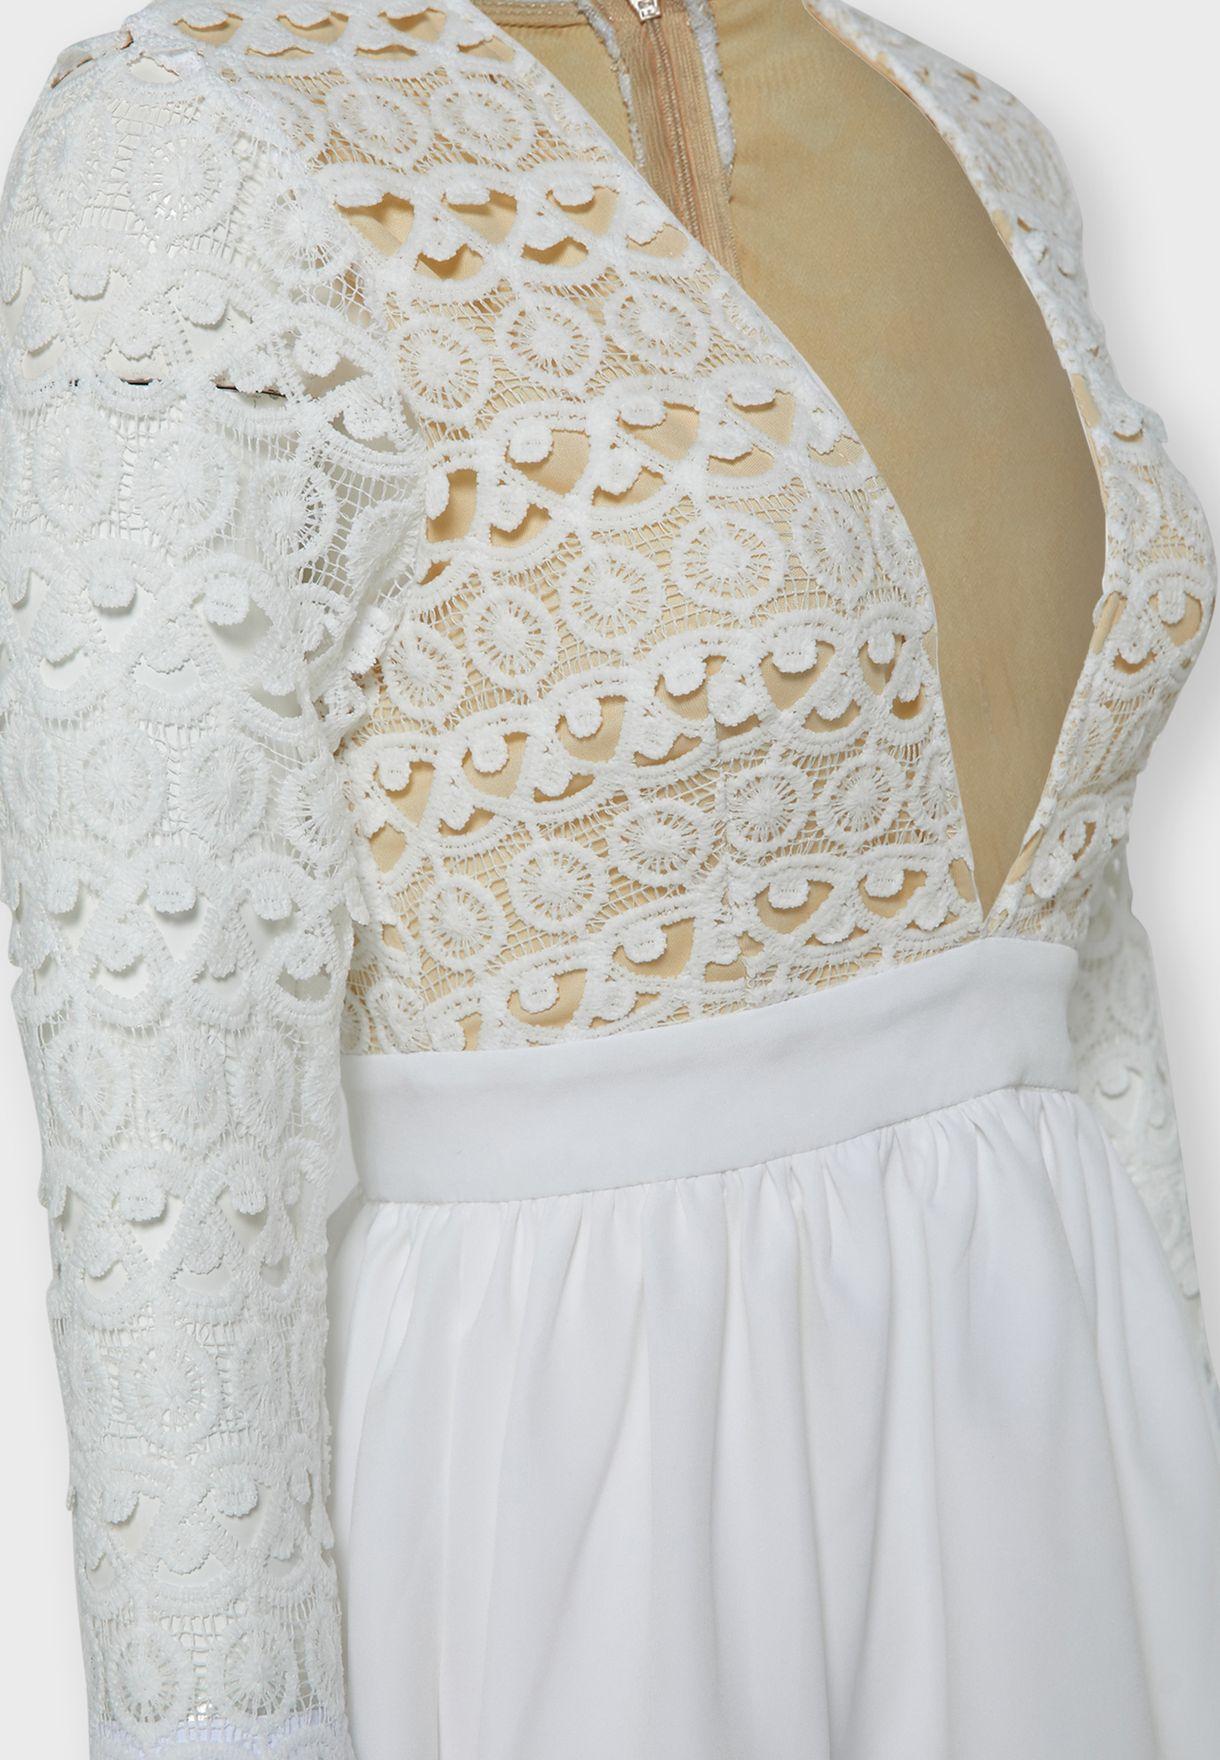 Lace Top Plunge Neck Mini Dress